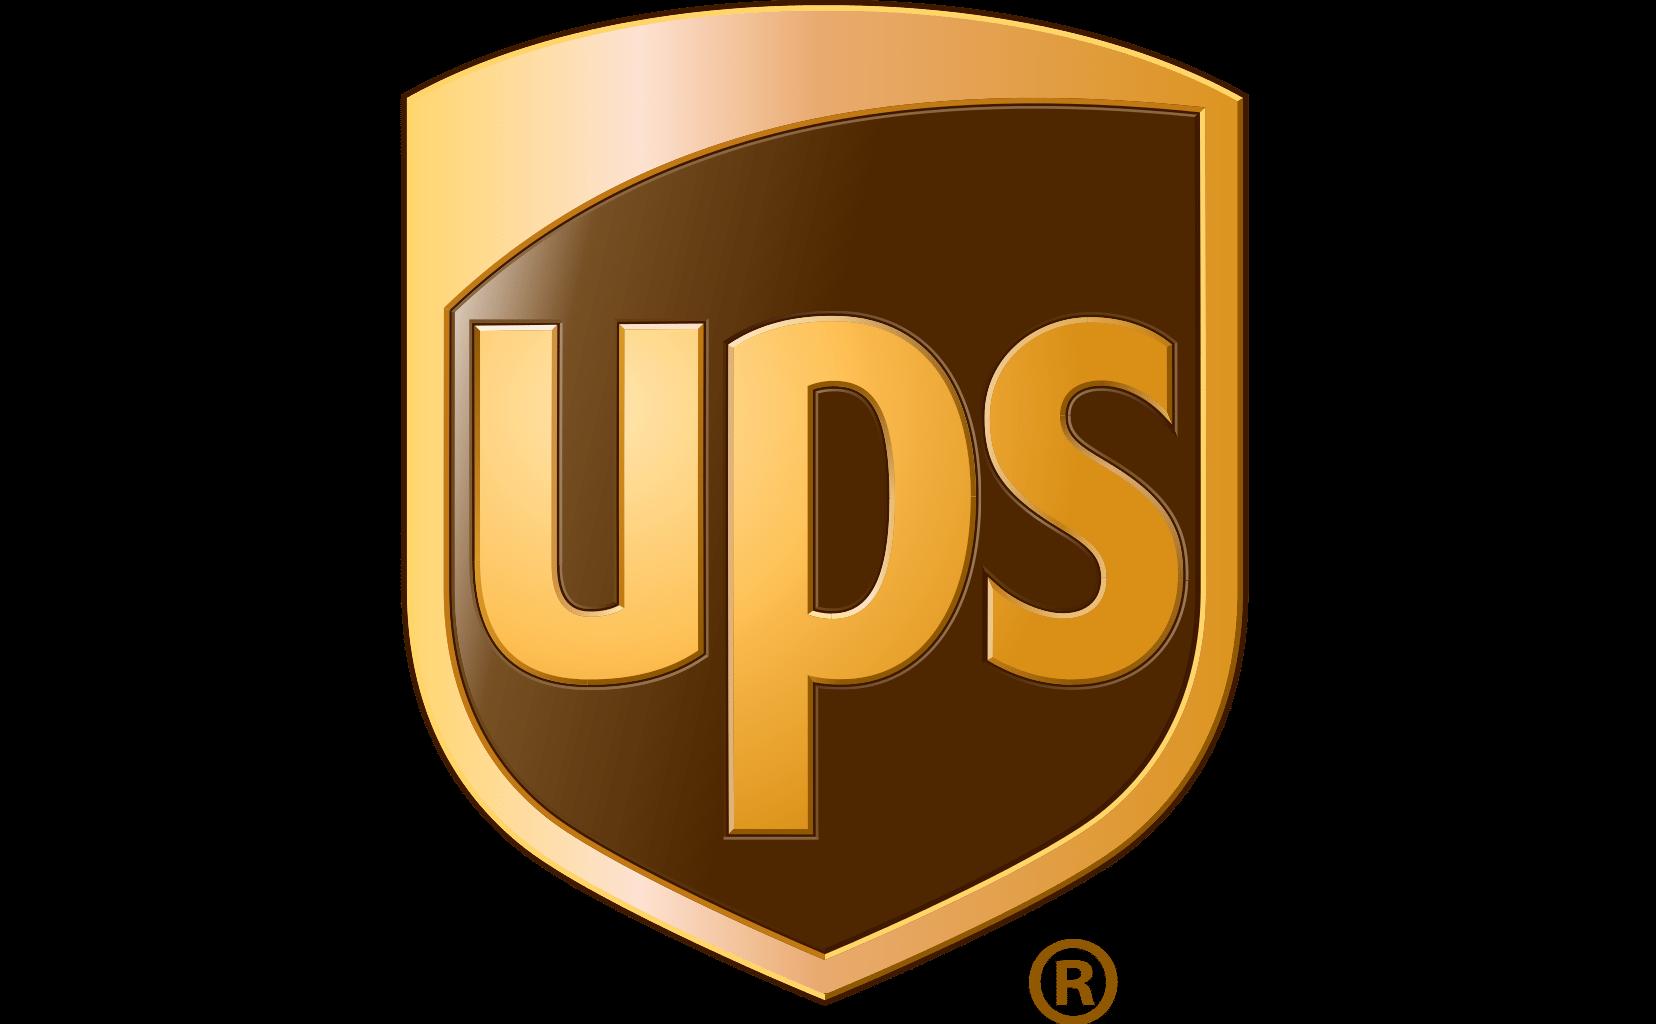 Logo Ups PNG - 111449